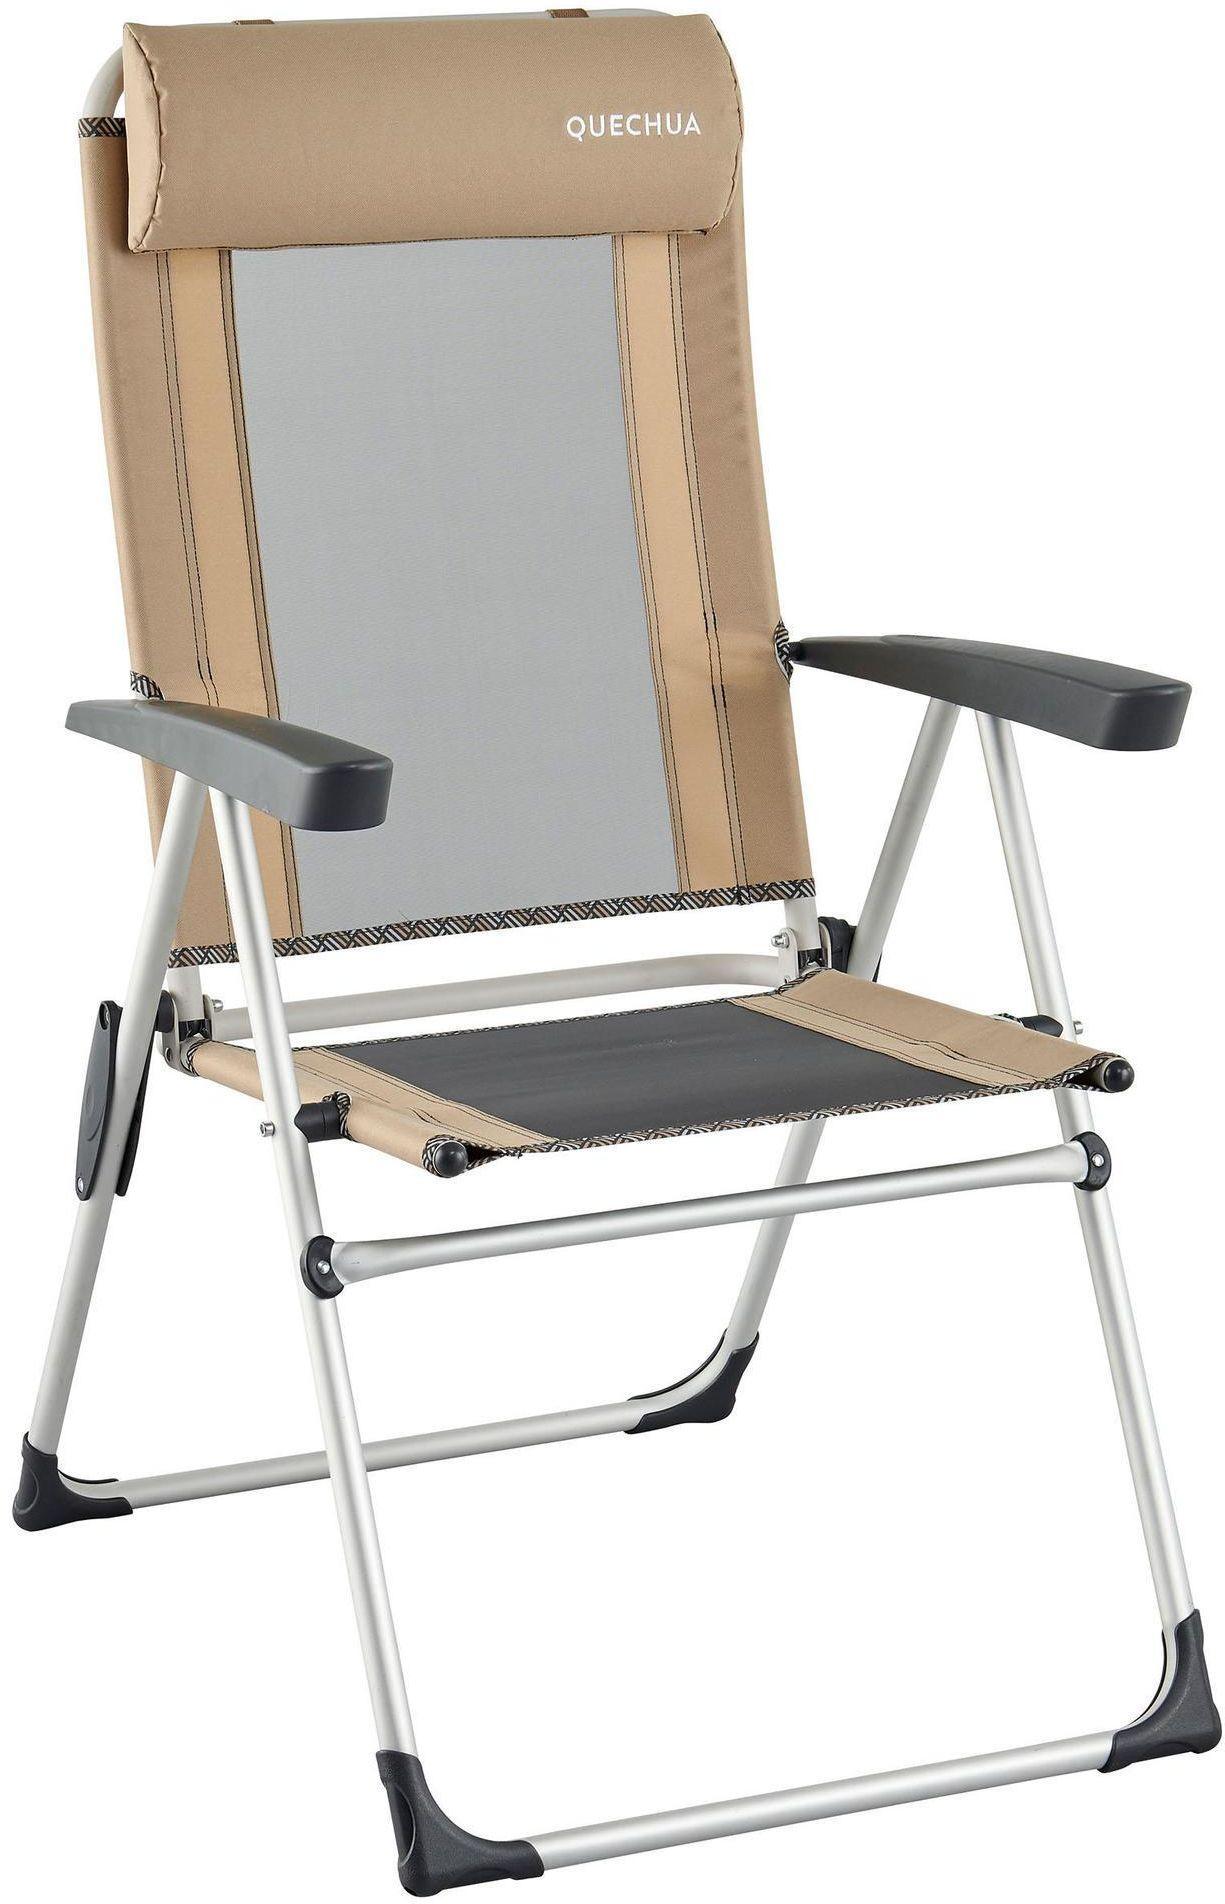 Krzesło turystyczne Comfort składane